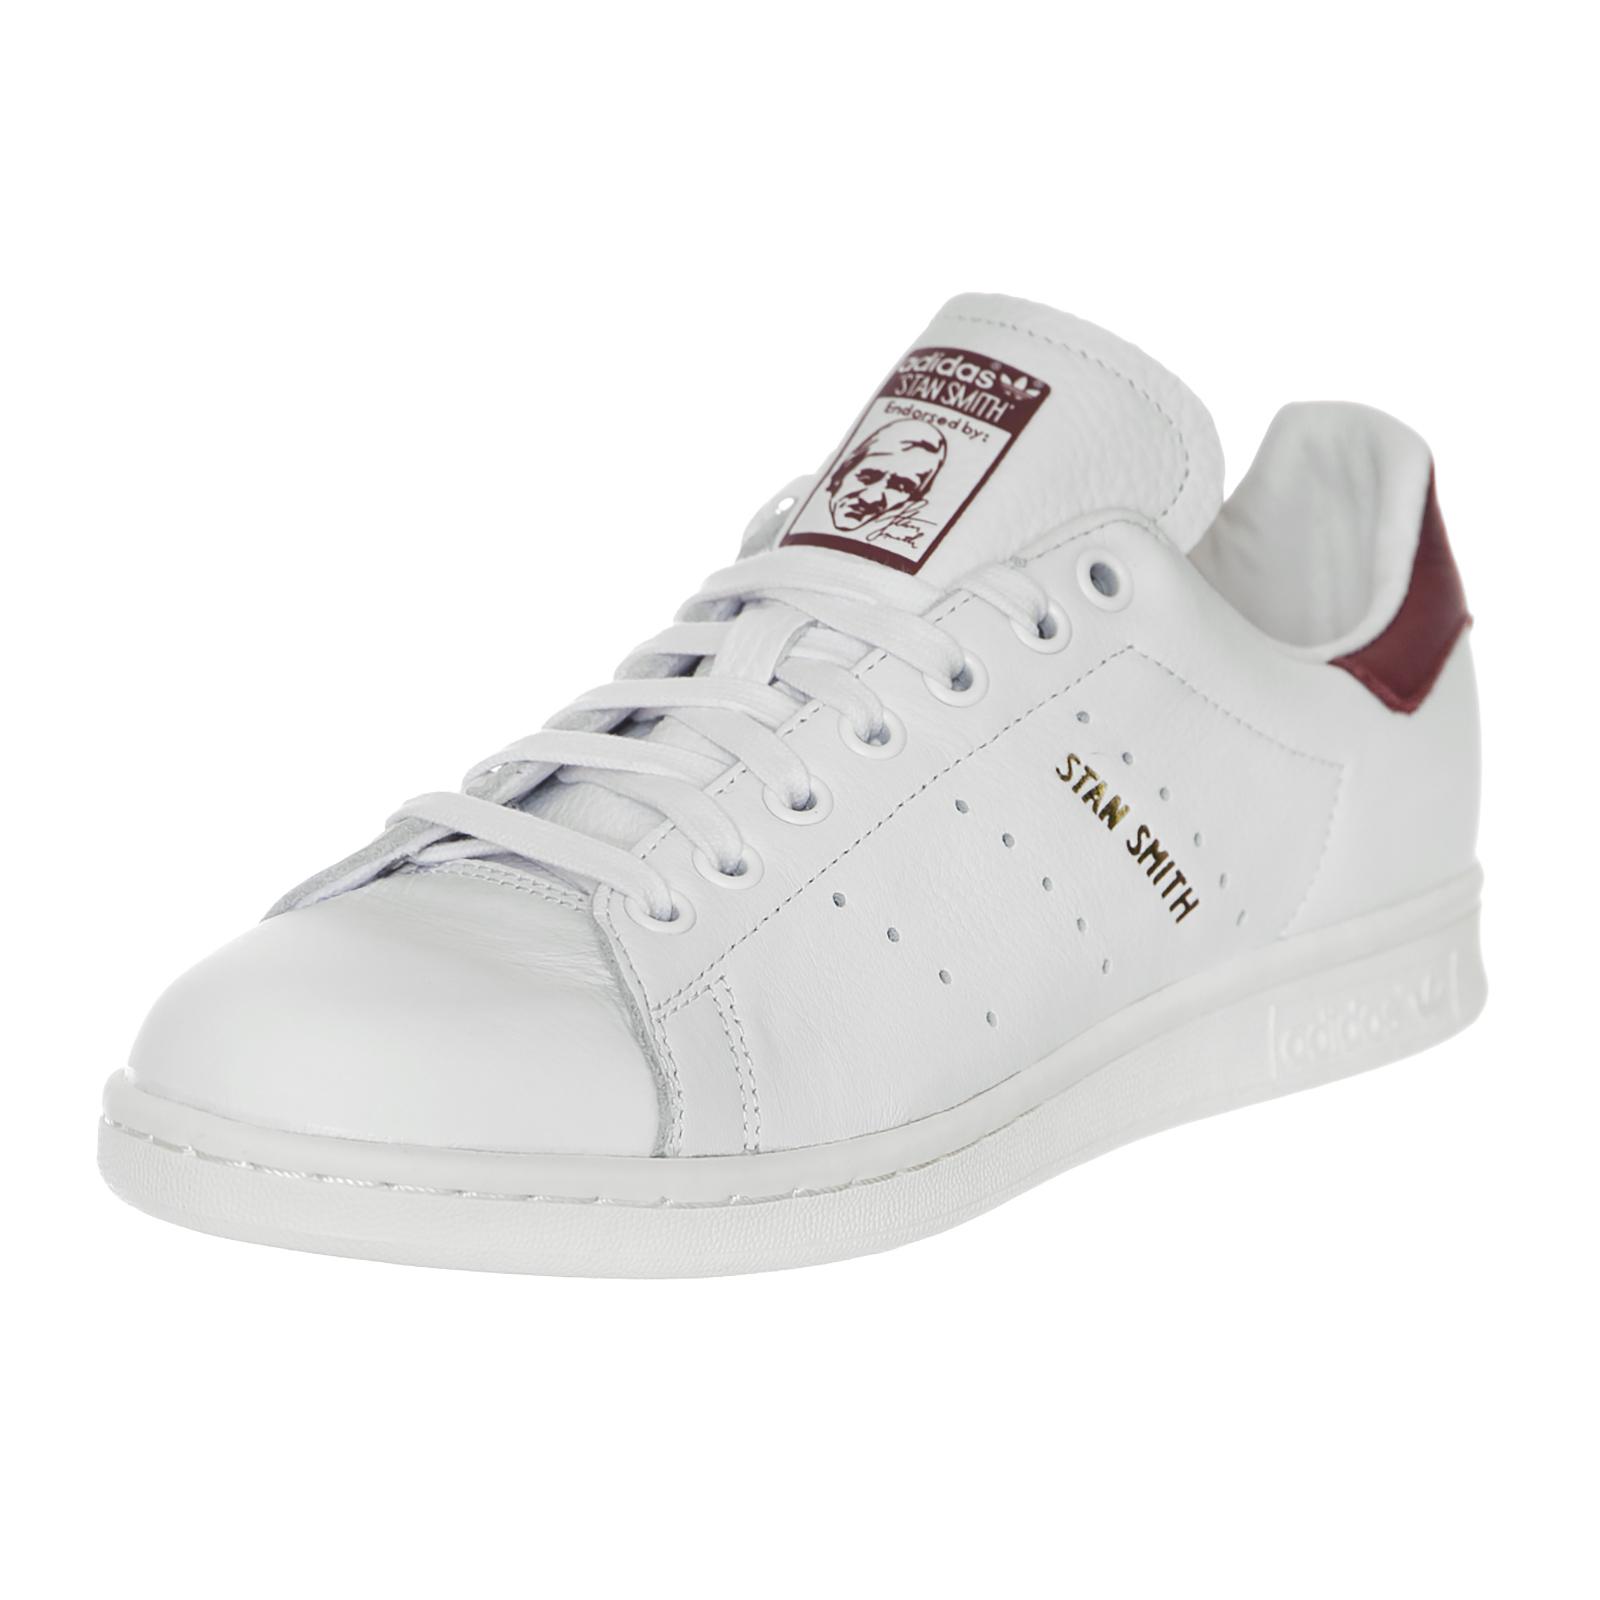 Adidas Stan Smith Ftw wht/ftw wht/Cburgu White white